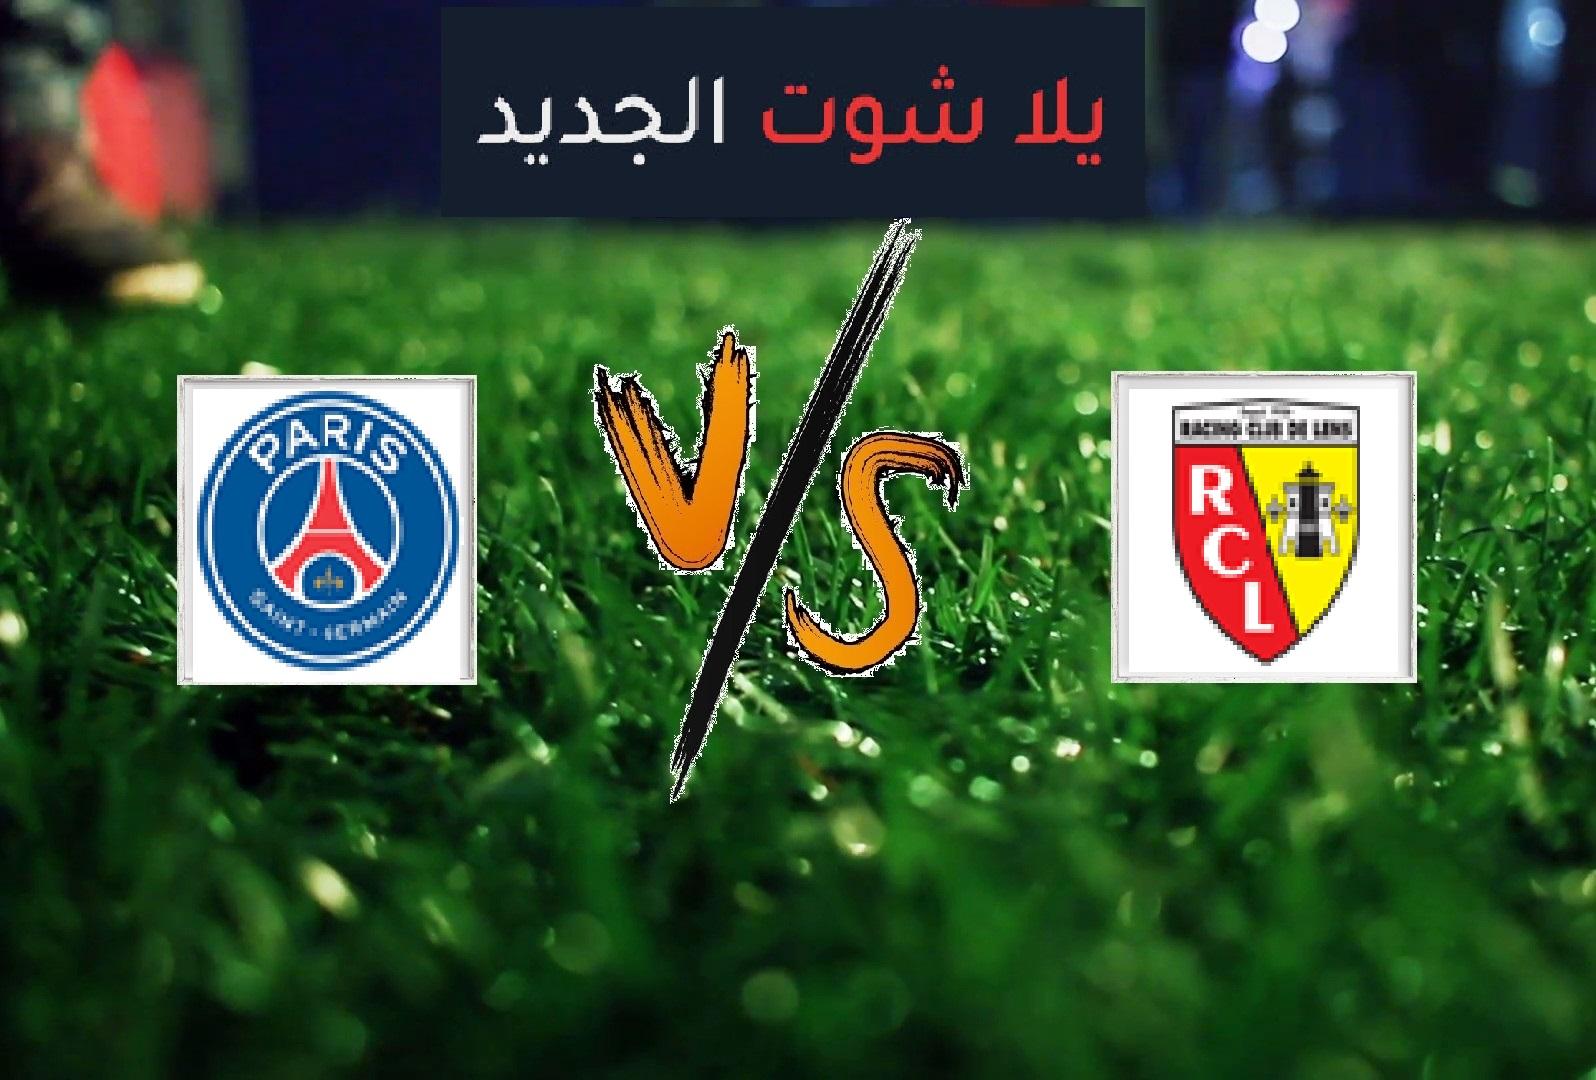 انتهت المباراة بفوز لانس على باريس سان جيرمان بهدف دون رد في الدوري الفرنسي